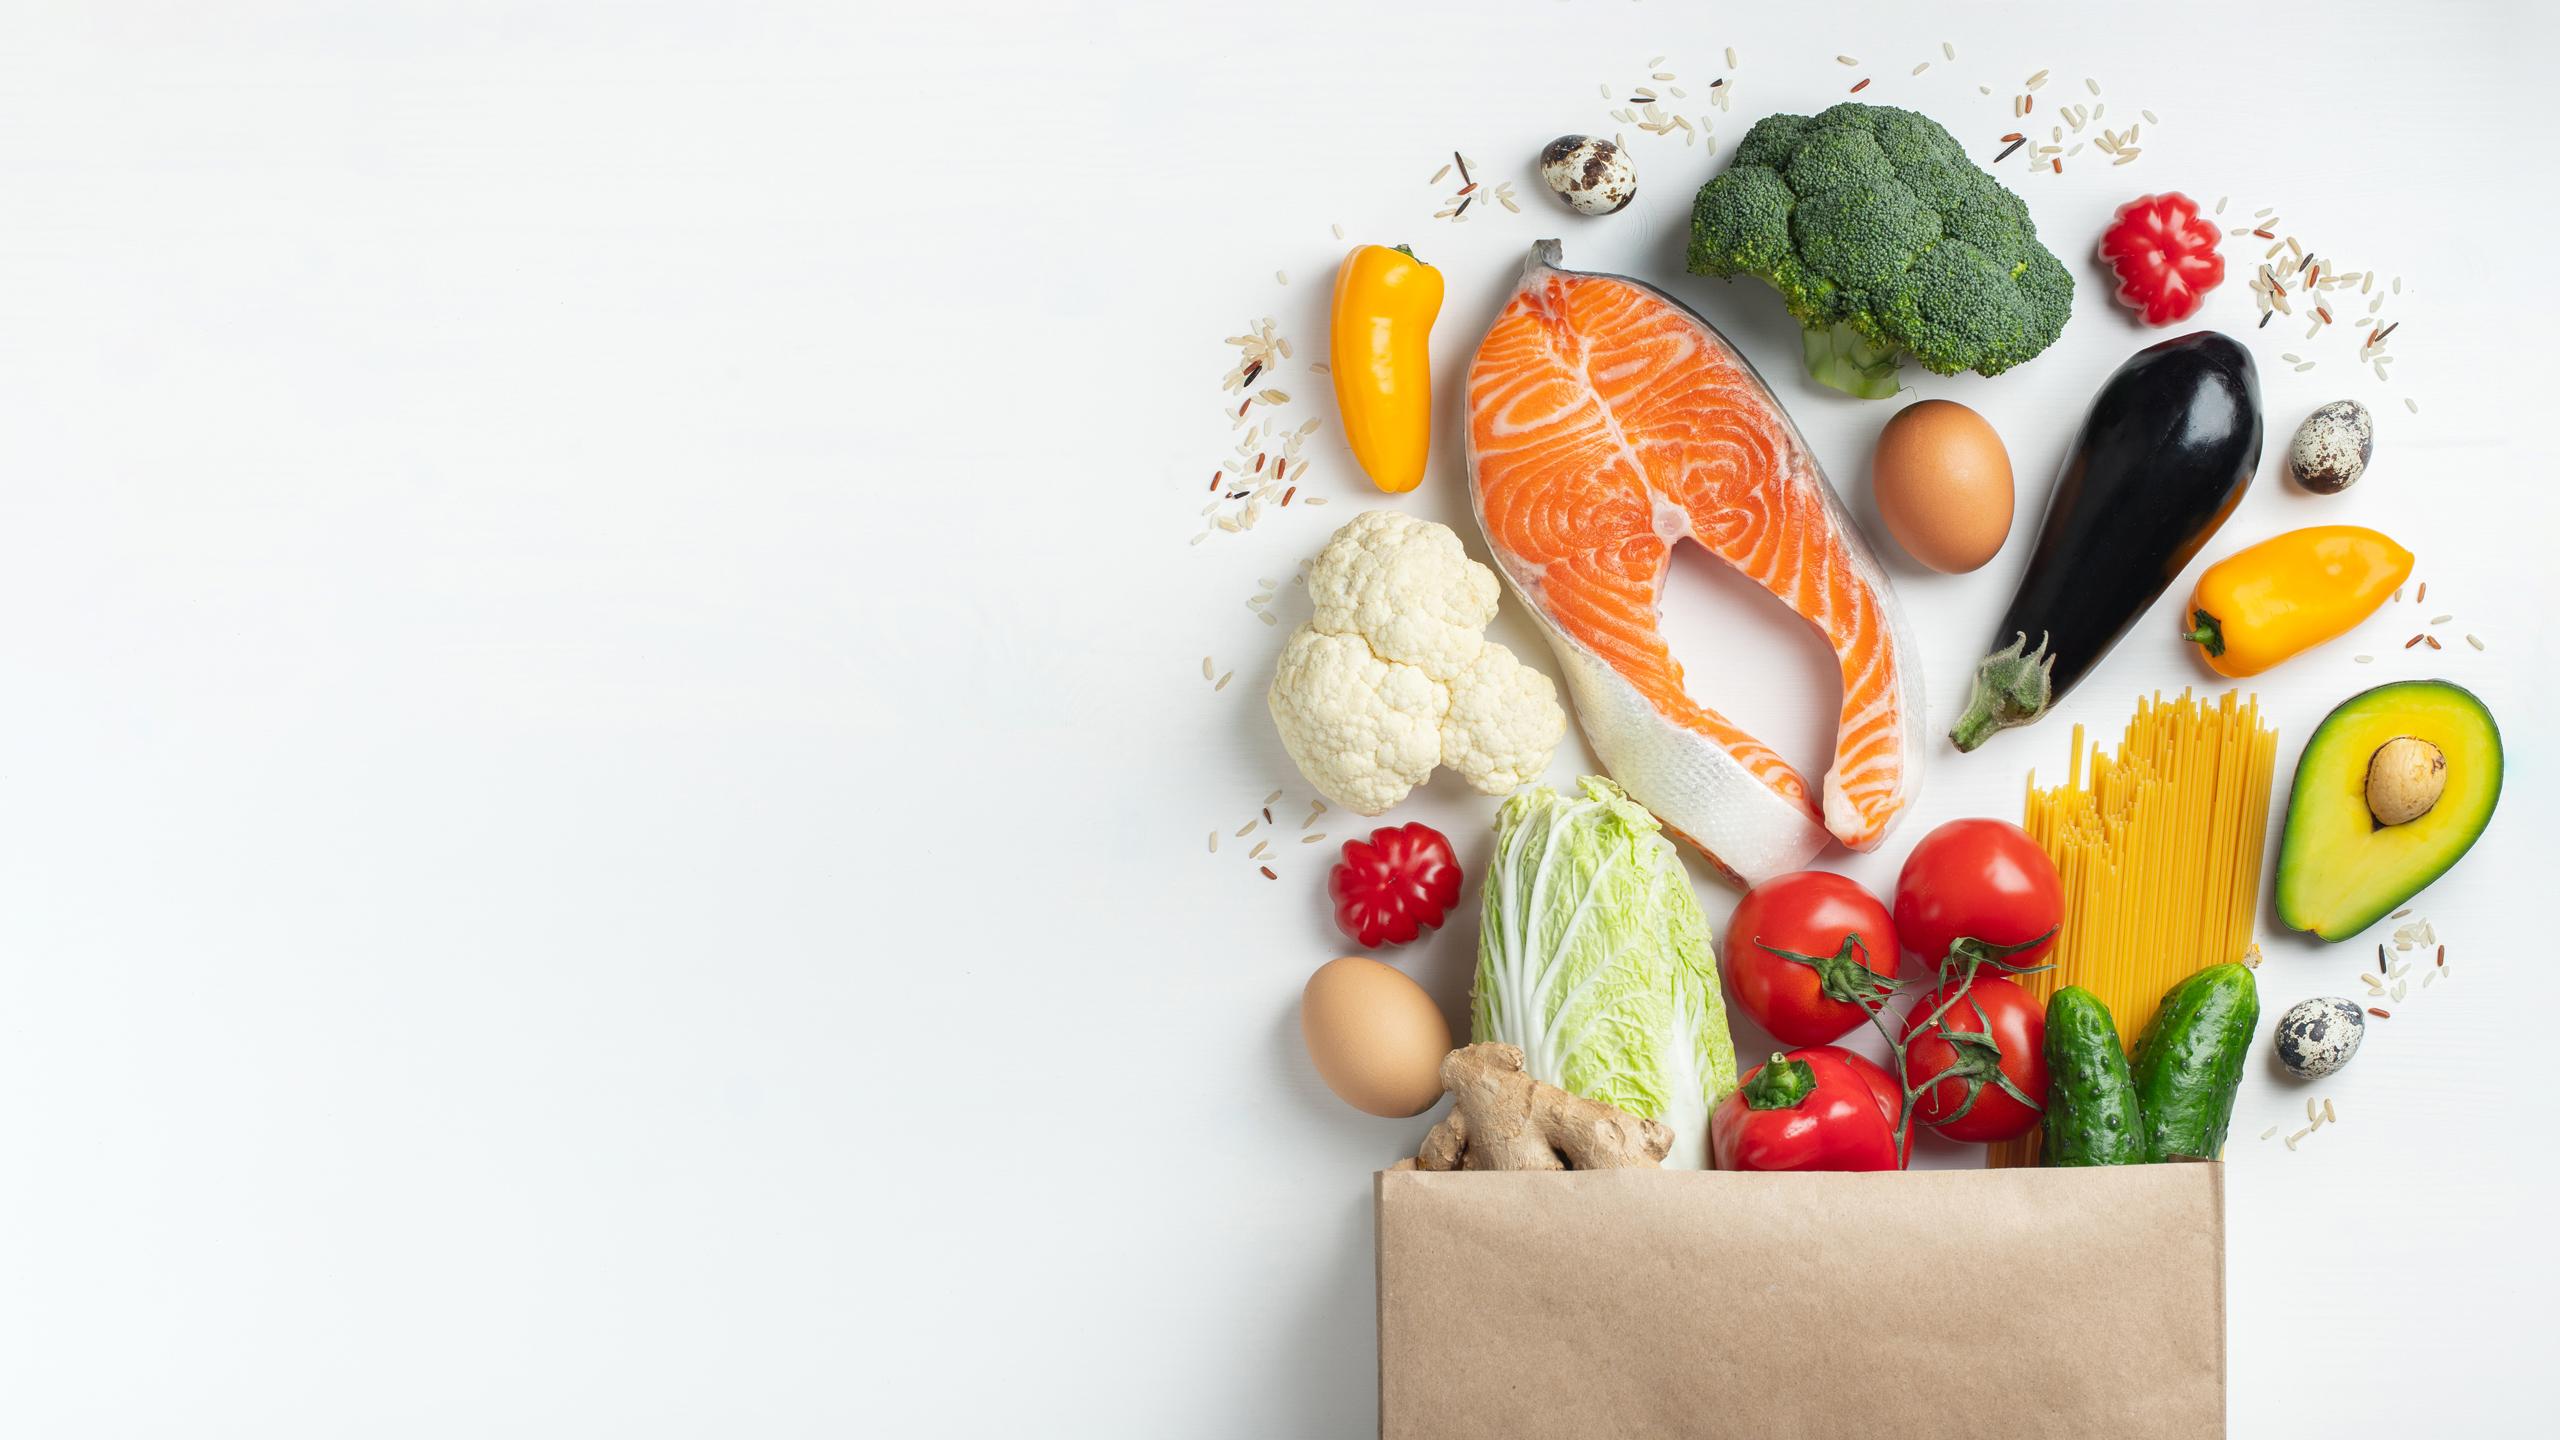 Una dieta variada rica en vegetales y proteínas te ayudará a prevenir la aparición de celulitis